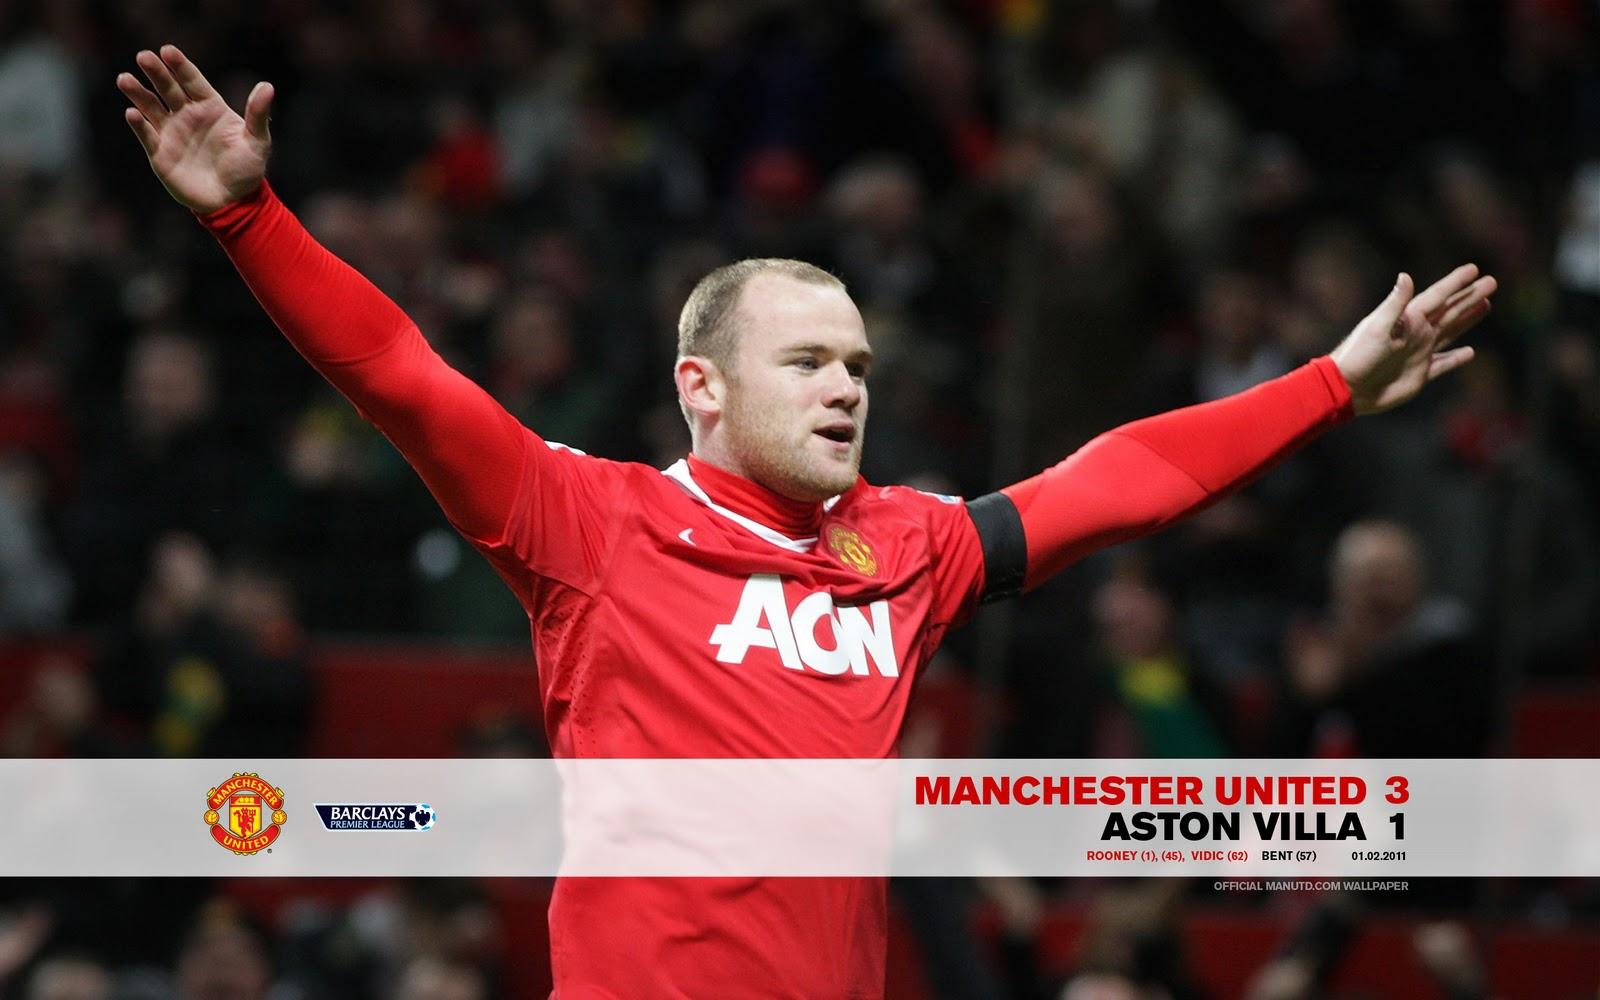 Man Utd v Aston Villa Official Wallpaper 20102011 Man Utd 3 Rooney 1600x1000